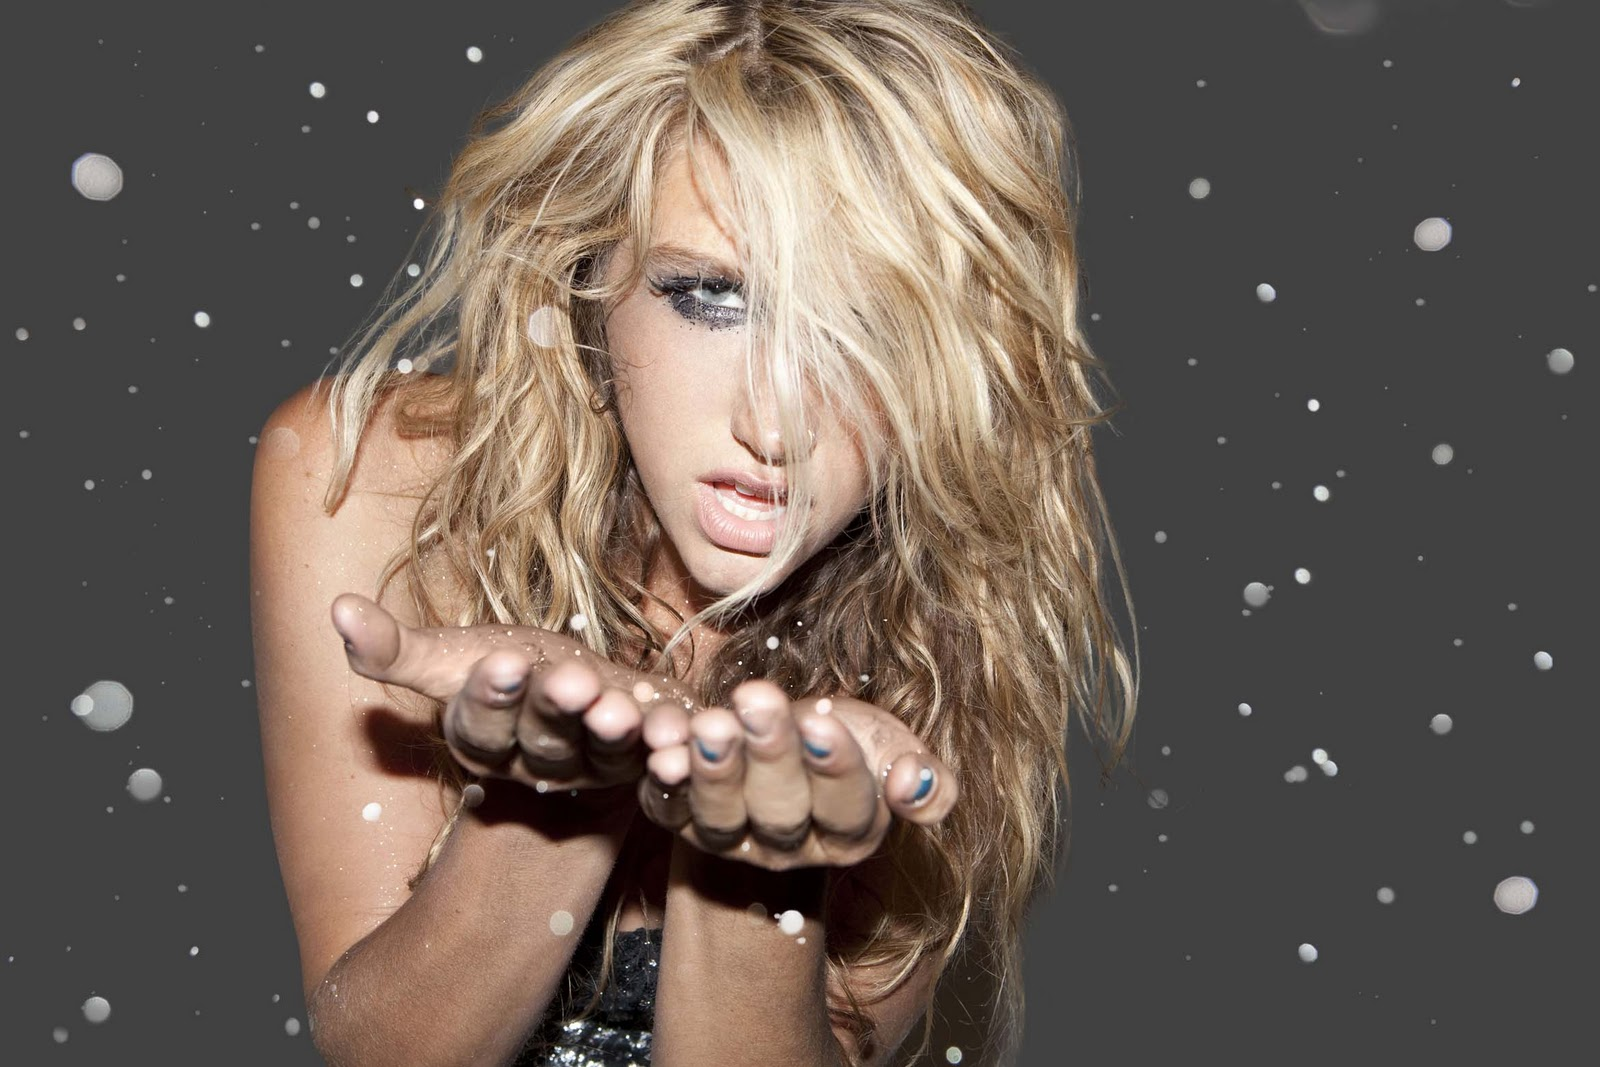 http://1.bp.blogspot.com/_QPysa2MAXAM/TLbEujvAAUI/AAAAAAAACeg/vQRH_-10aaY/s1600/Kesha_Glitter.jpg